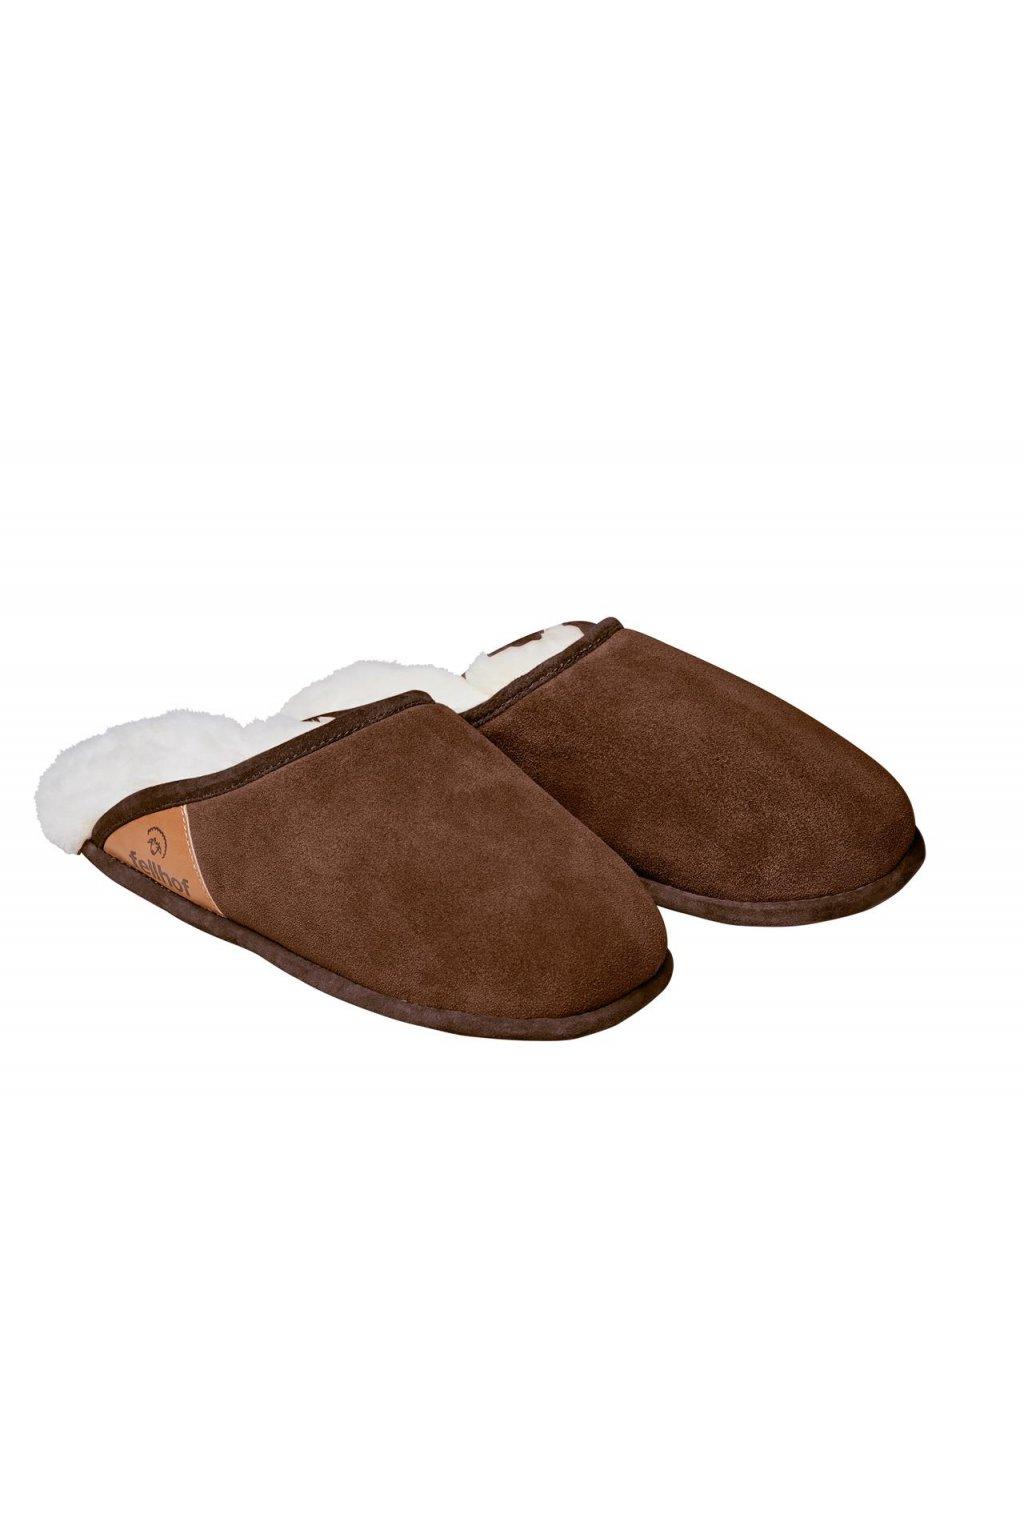 Pantoffel Trendy schokoOOgdeUmk8vbWF